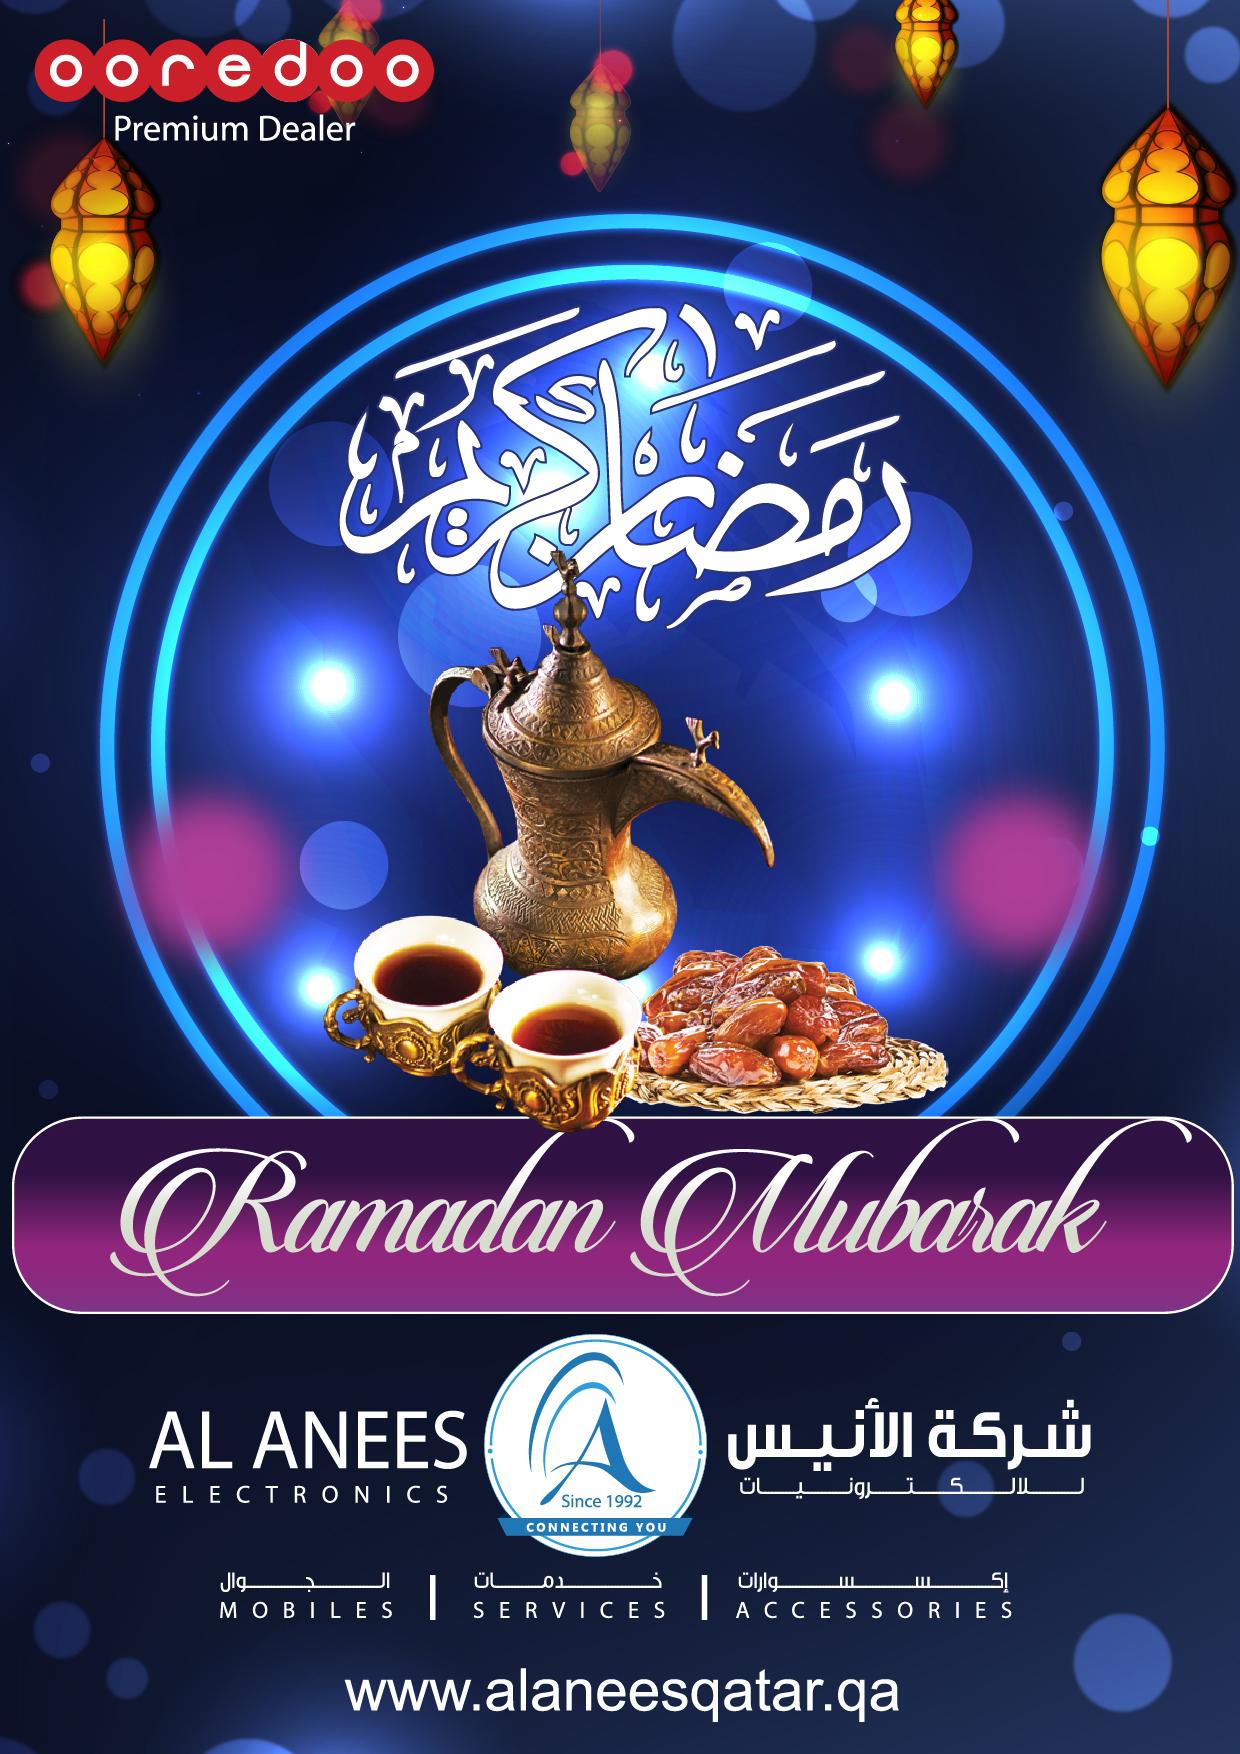 AlaneesQatar Ramdan Offers